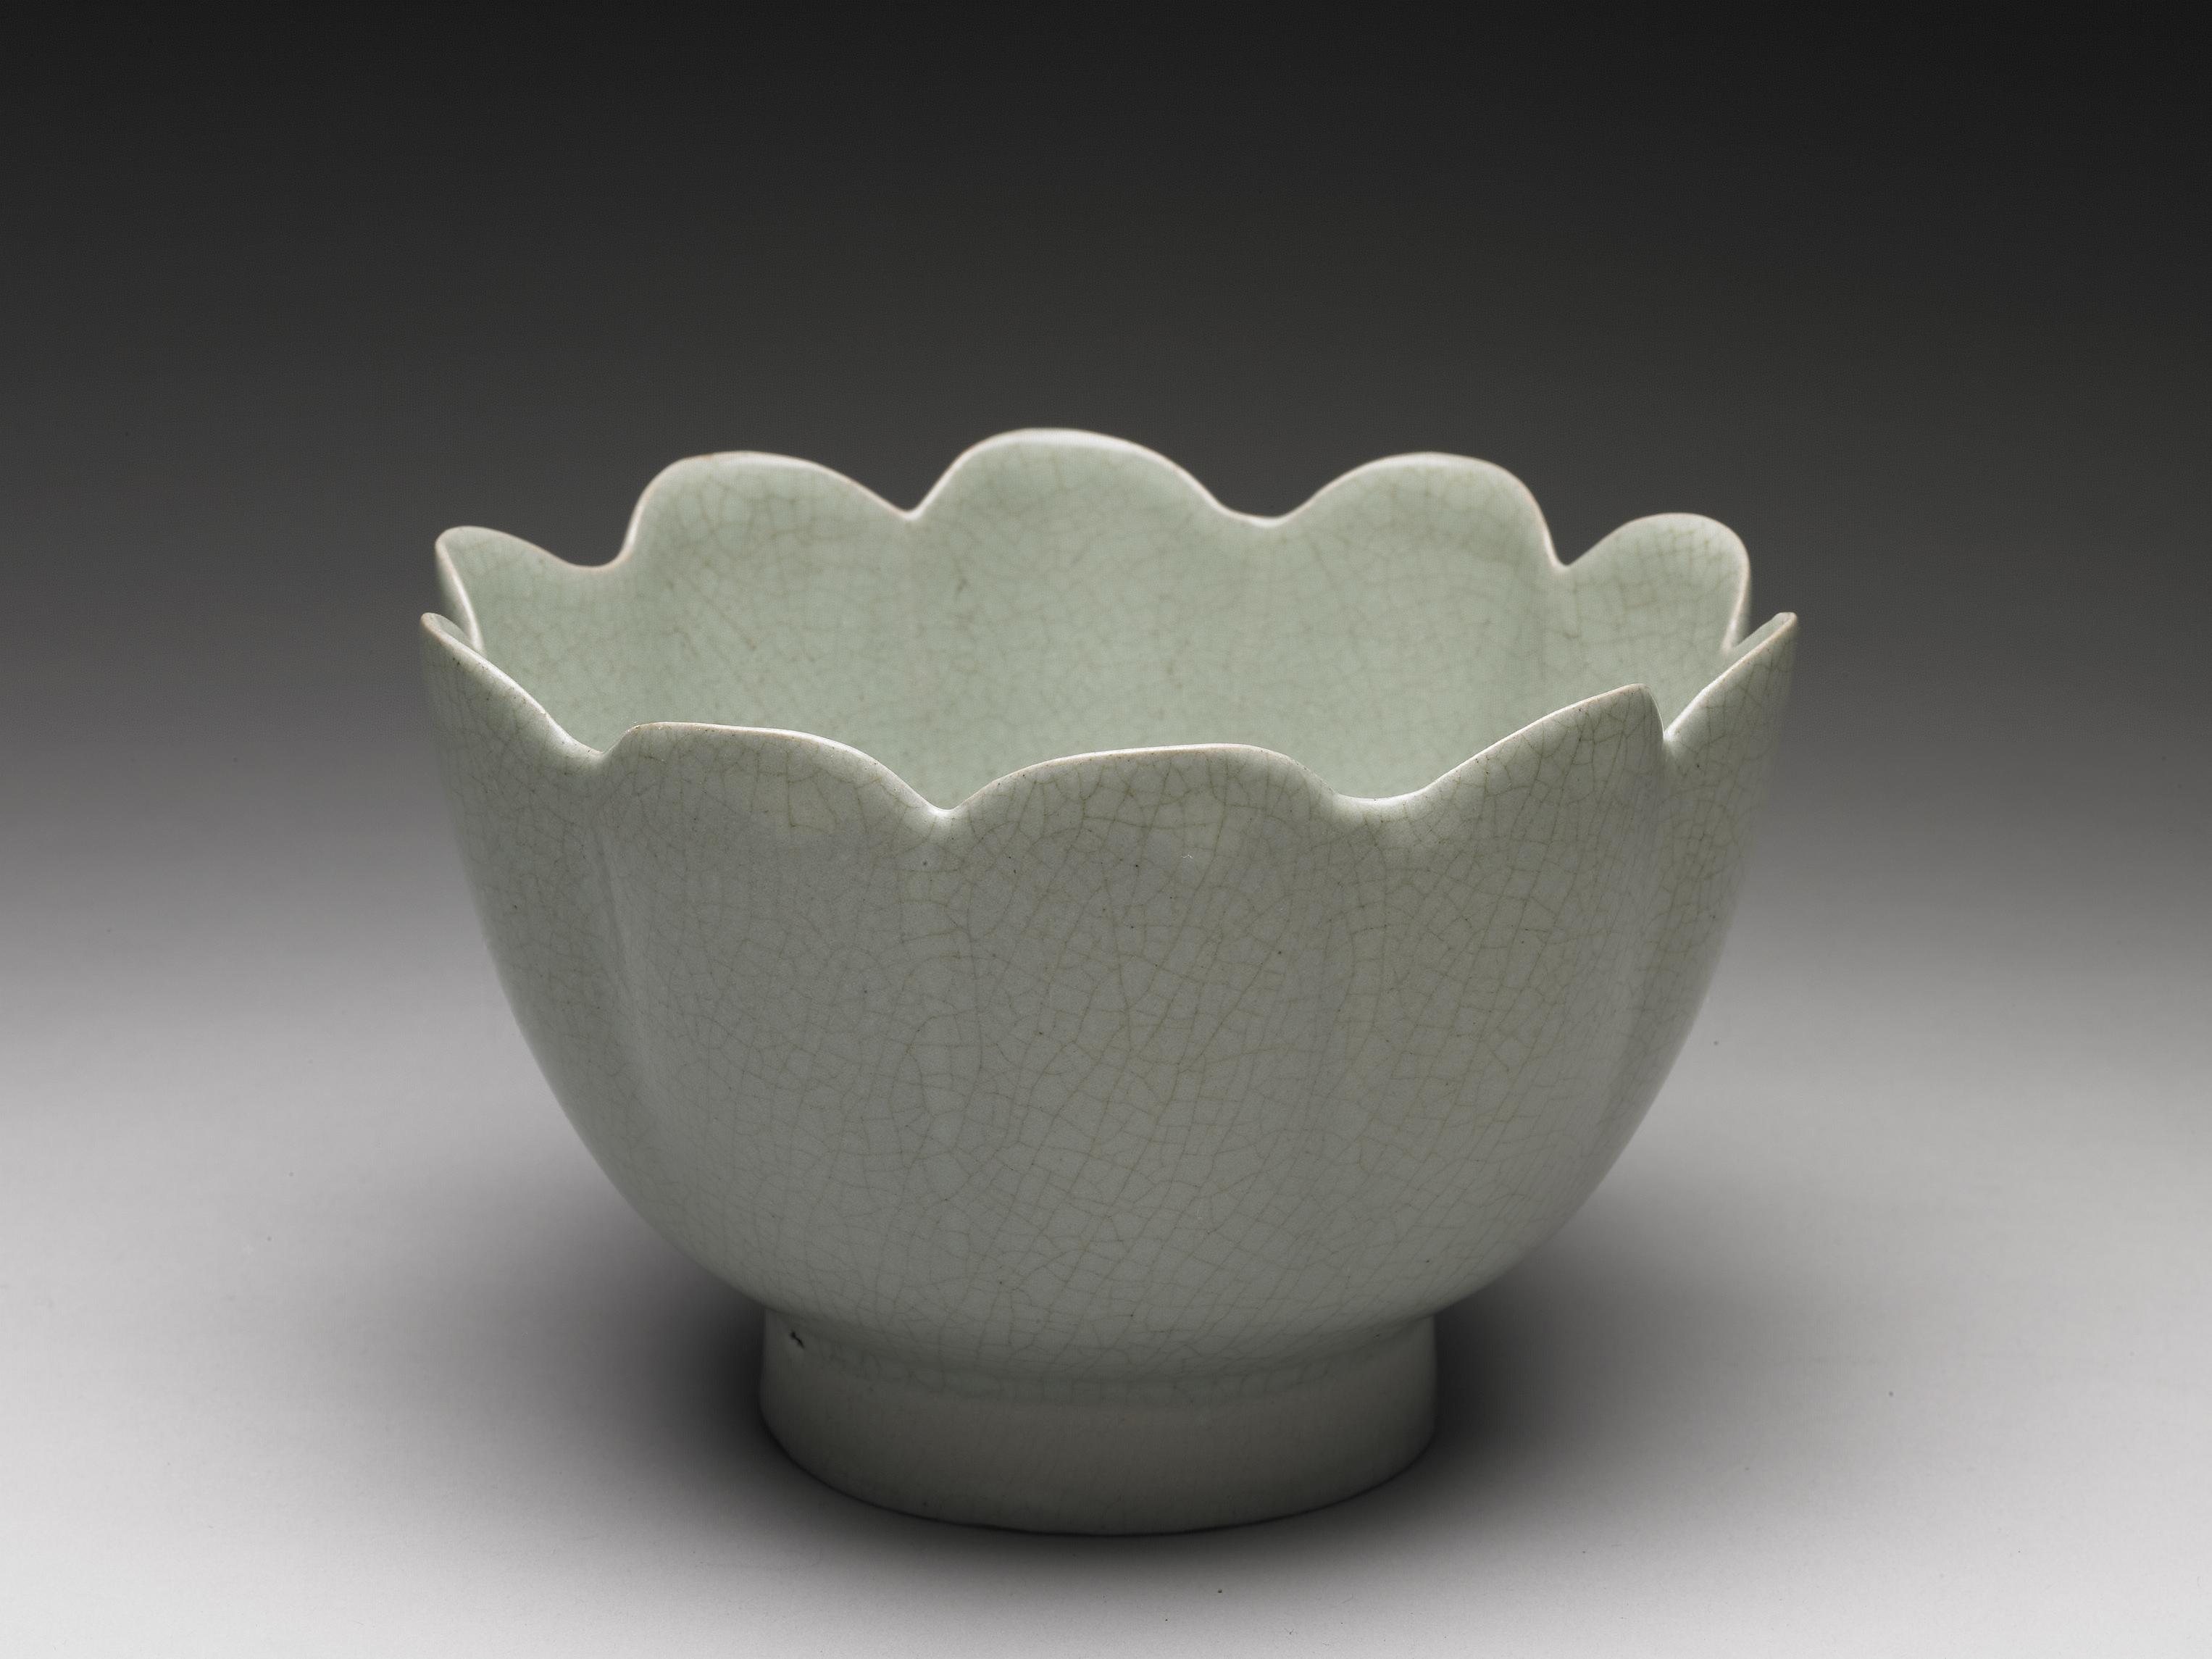 汝窯 青瓷蓮花式溫碗